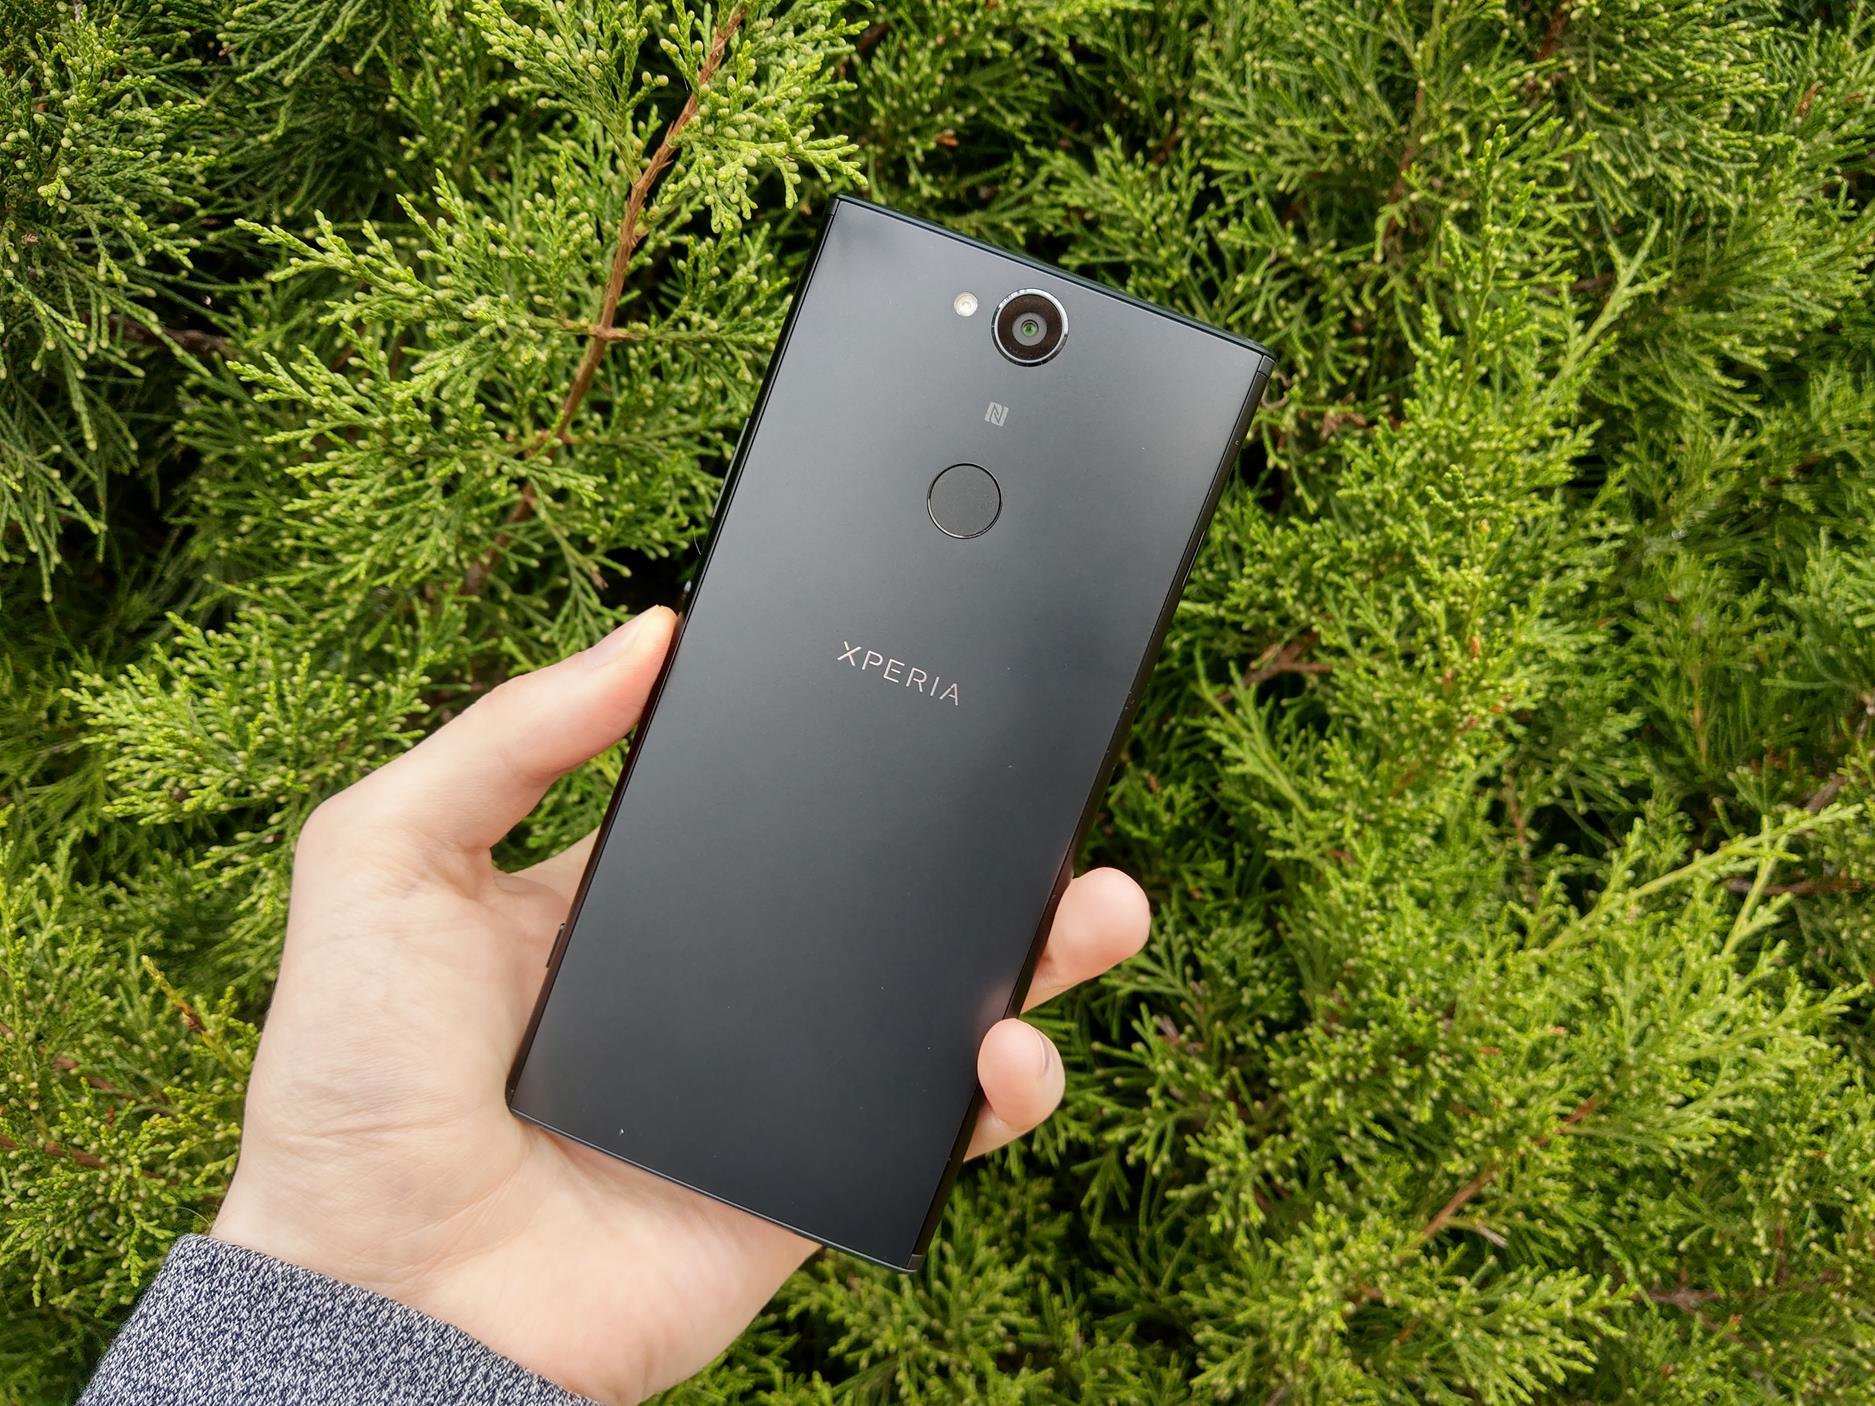 Recenzja Sony Xperia XA2 Plus. To dobry smartfon, ale nie zabrakło kilku rozczarowań 20